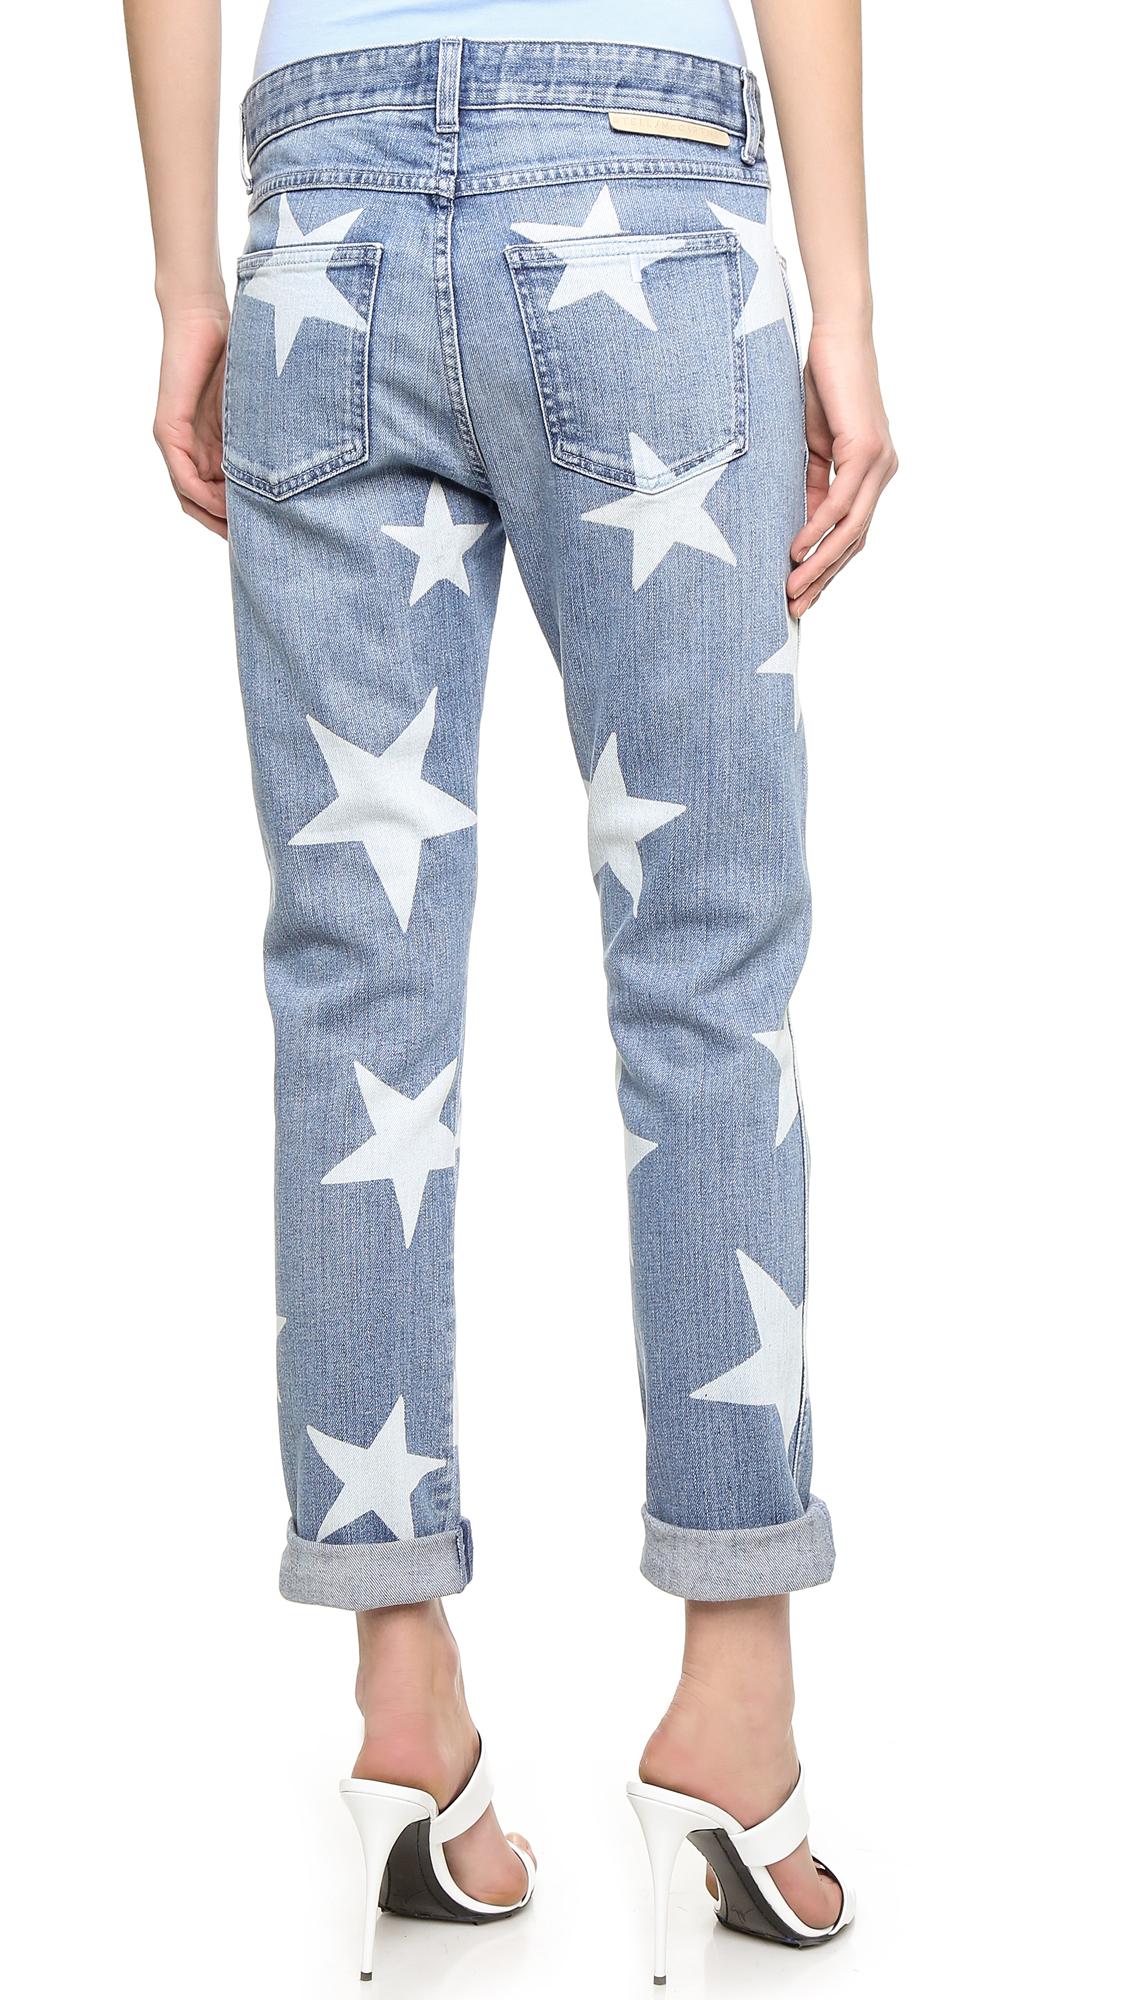 Stella mccartney The Skinny Boyfriend Jeans in Blue